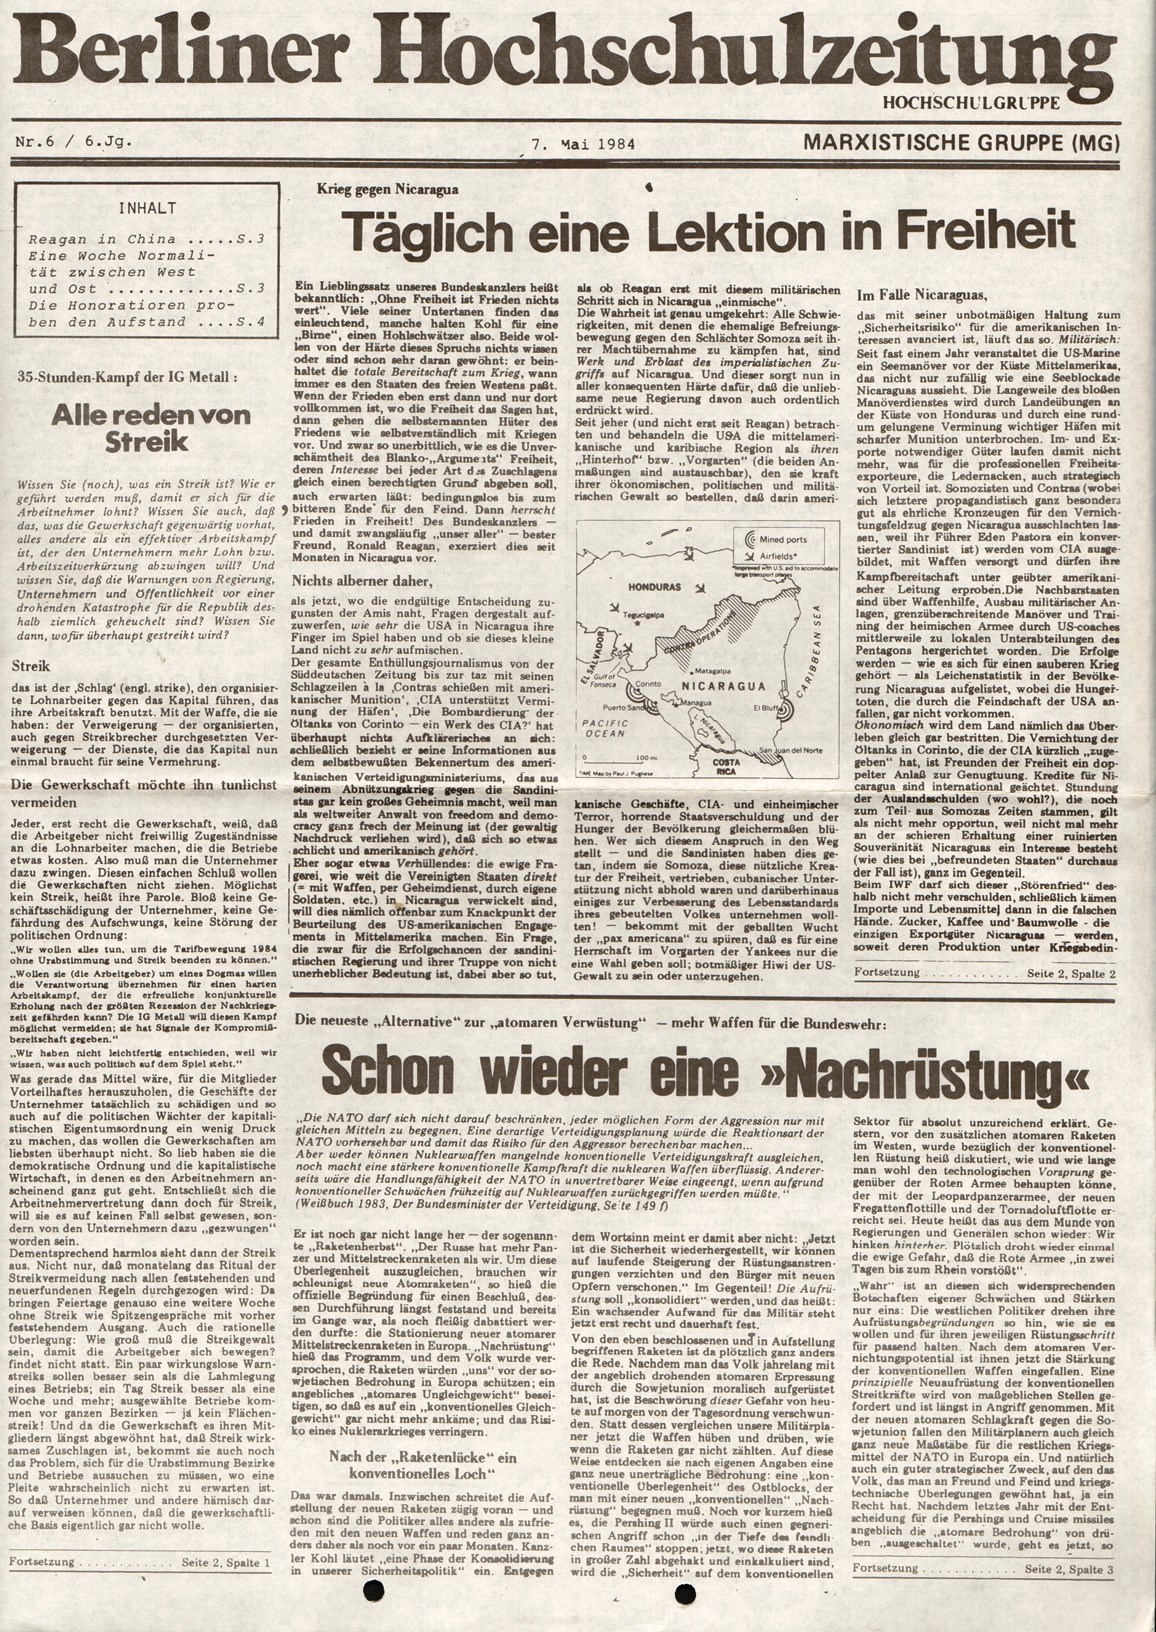 Berlin_MG_Hochschulzeitung_19840507_01